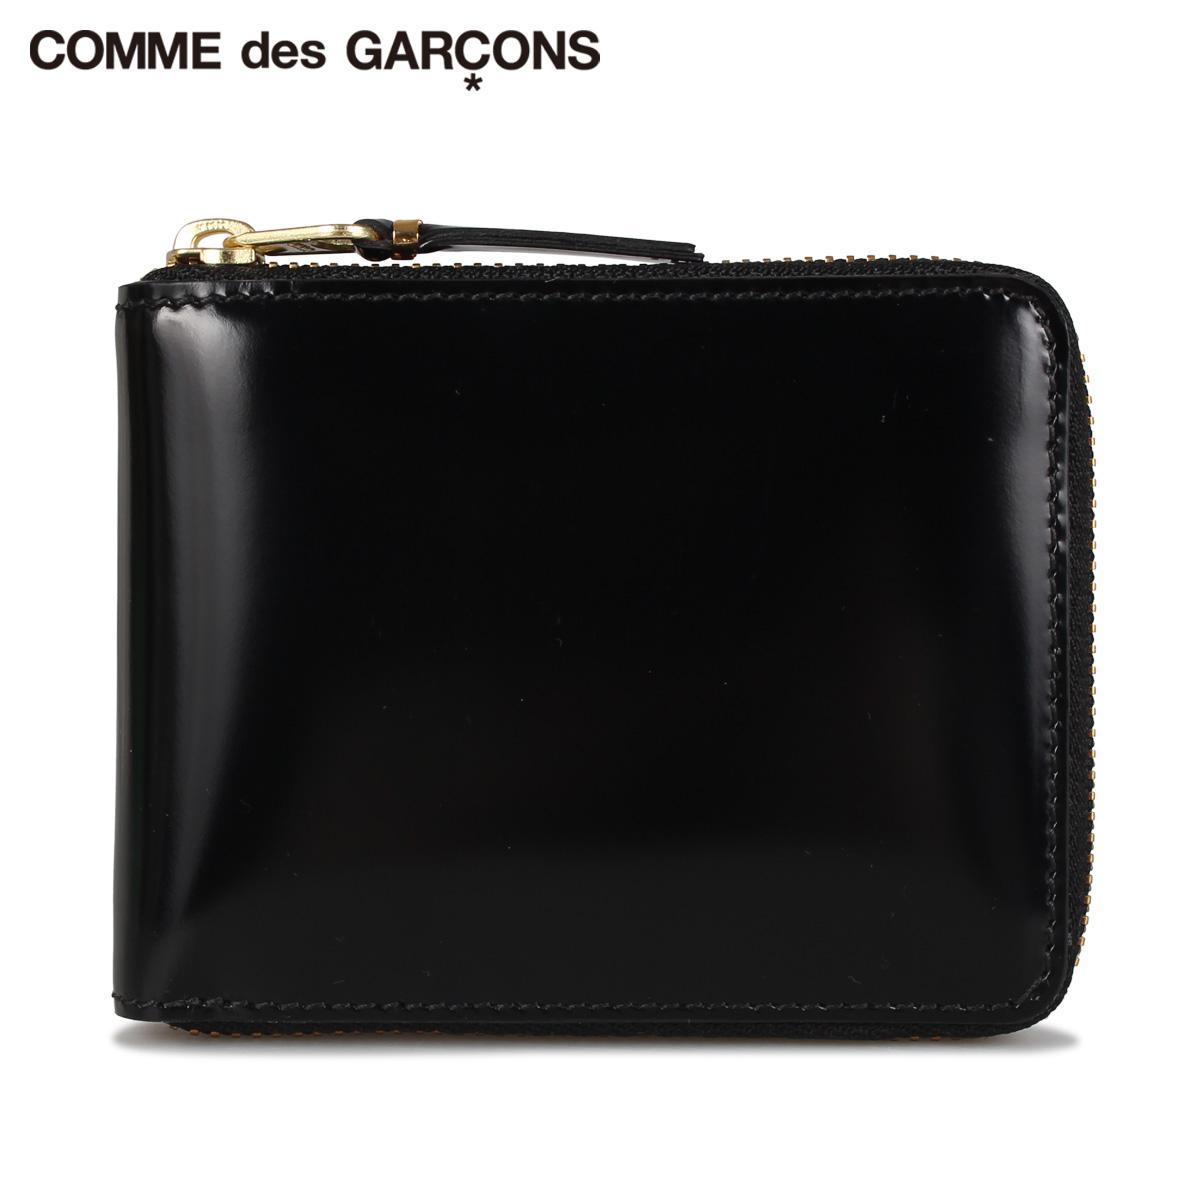 コムデギャルソン COMME des GARCONS 財布 二つ折り メンズ レディース ラウンドファスナー MIRROR INSIDE WALLET ブラック 黒 SA7100MI [9/3 新入荷]